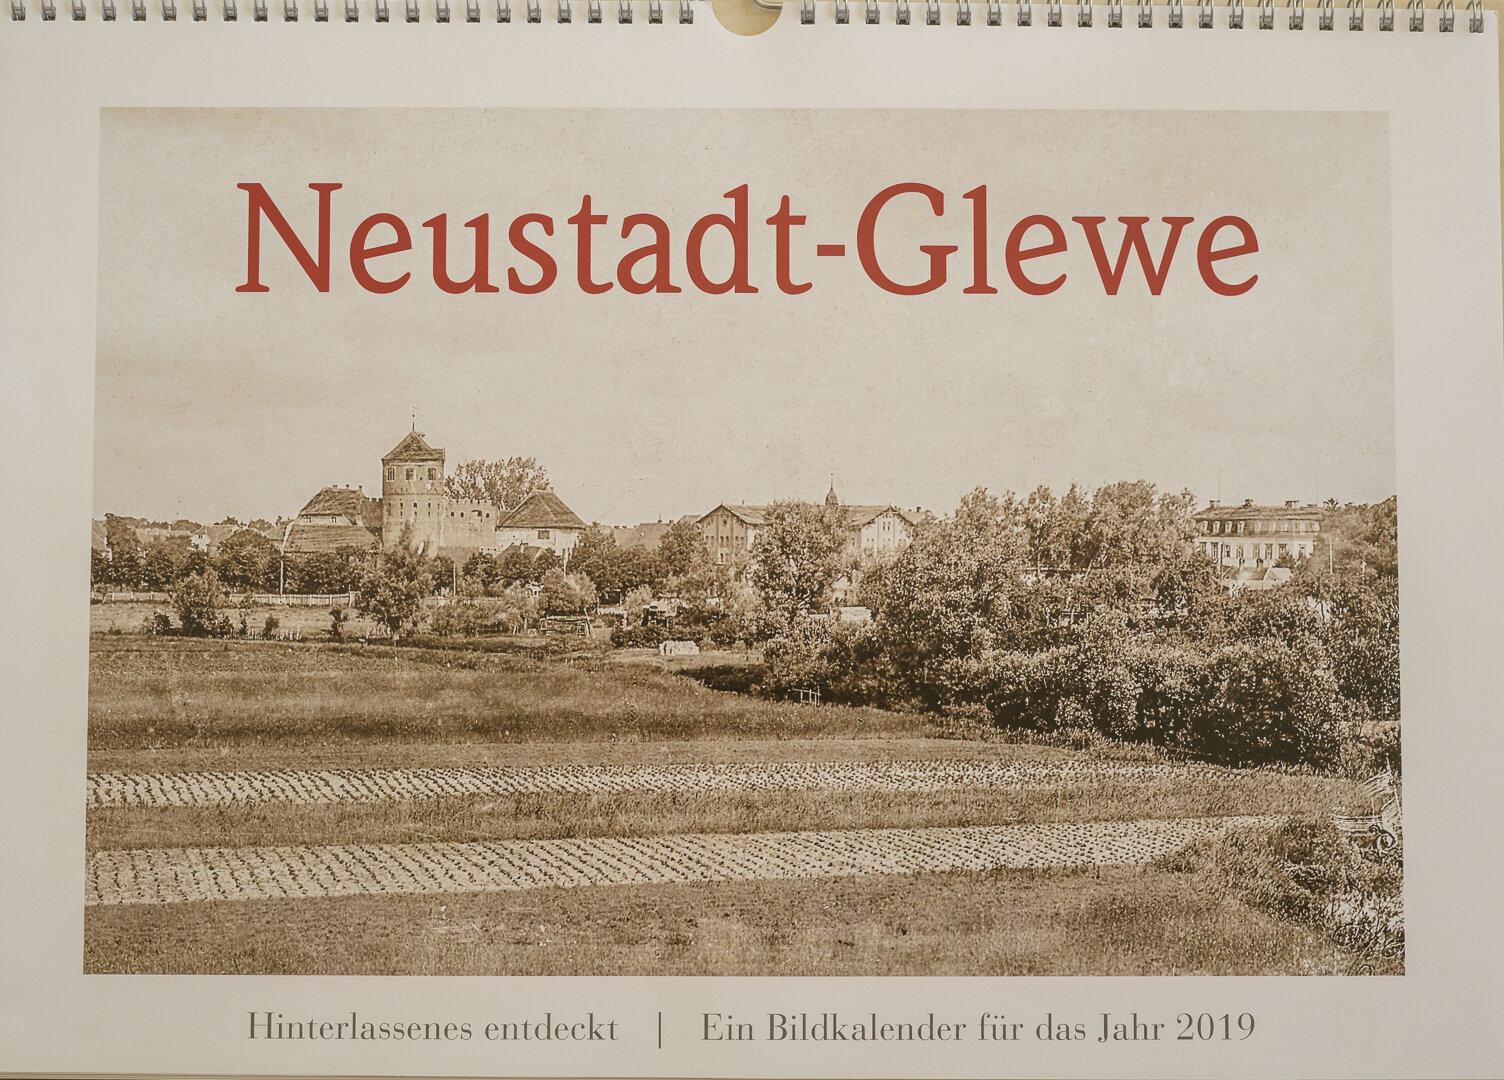 Neustadt-Glewe - Hinterlassenes entdeckt - Ein Bildkalender für das Jahr 2019